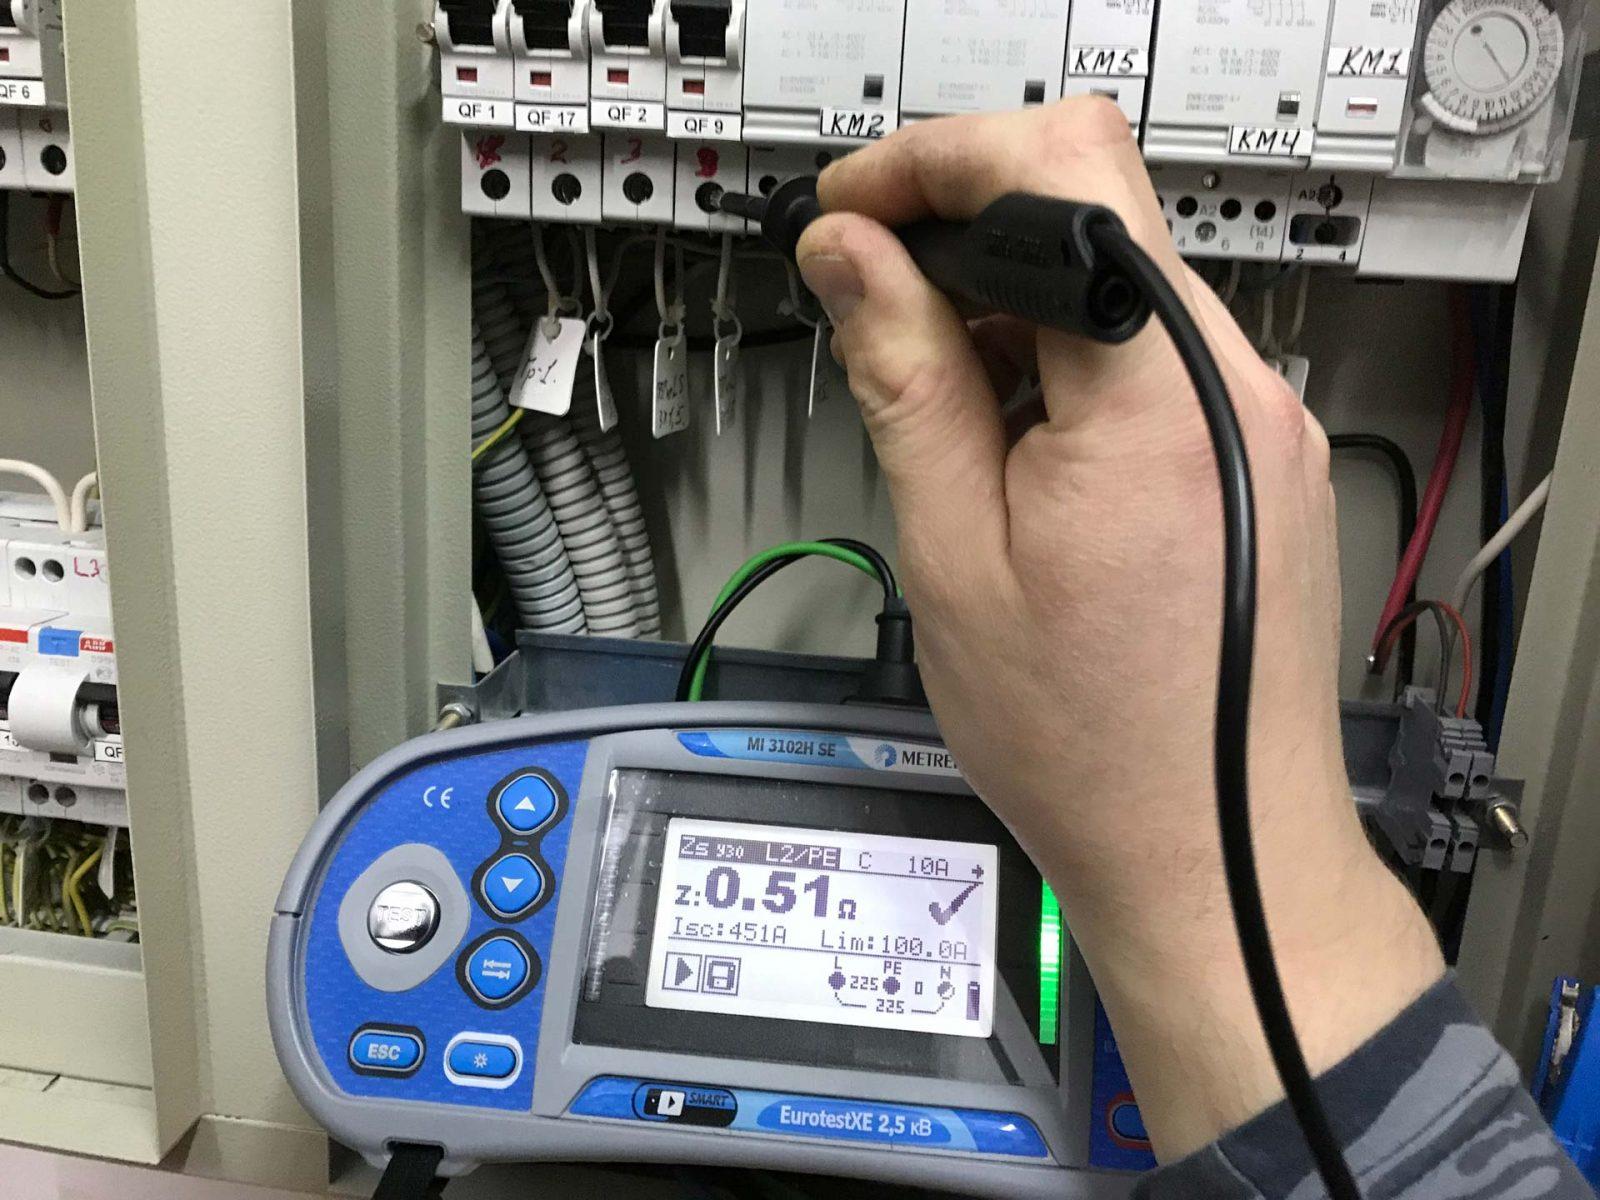 Расчет и методика измерения петли фаза ноль